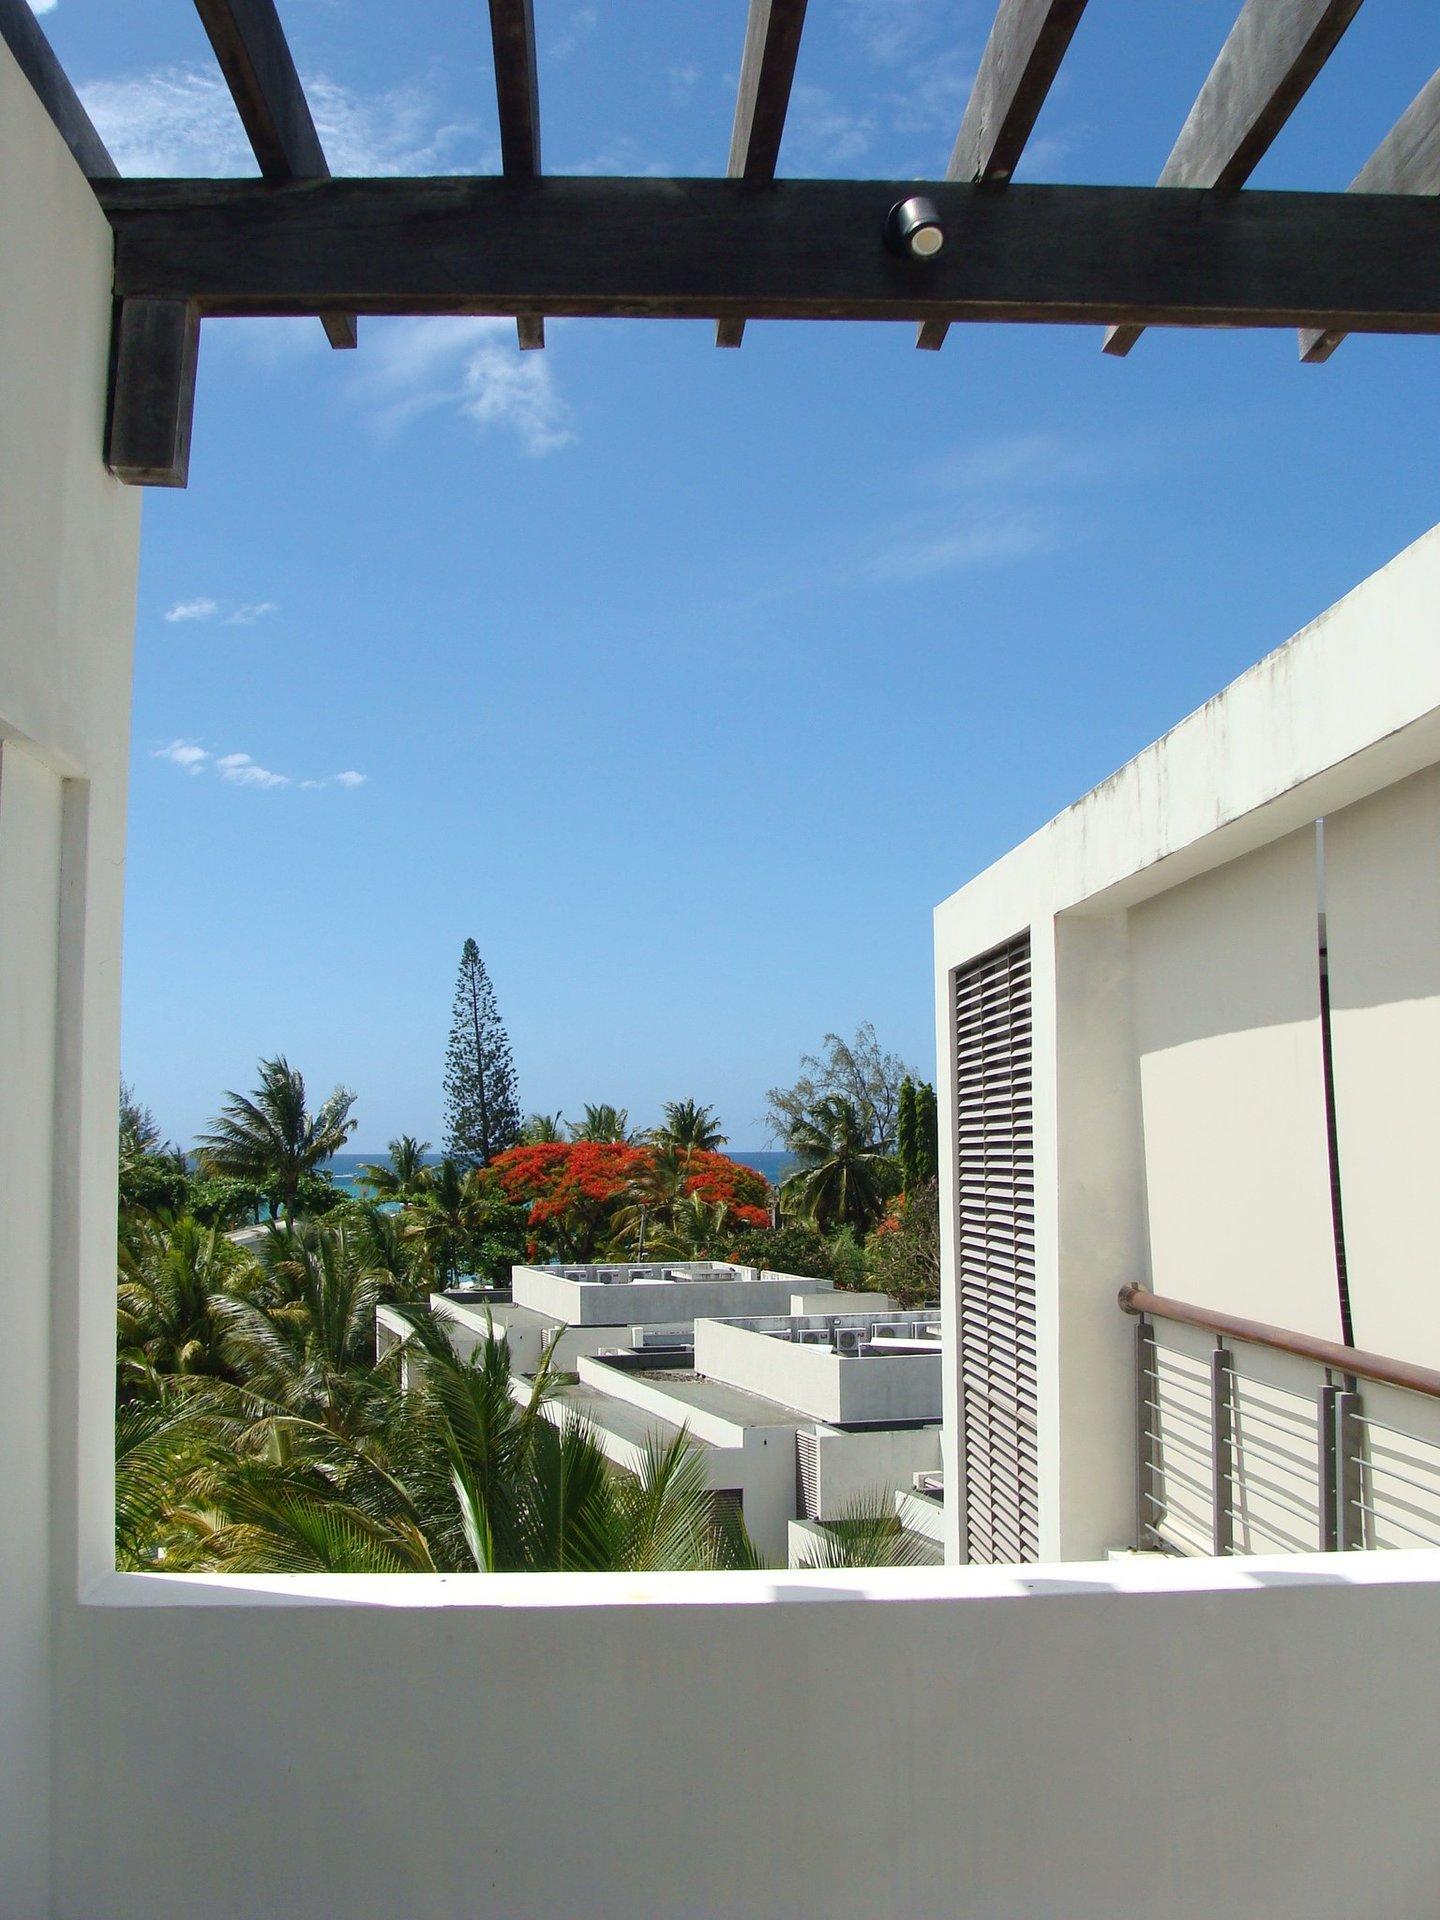 Penthouse exceptionnel avec vue sur mer